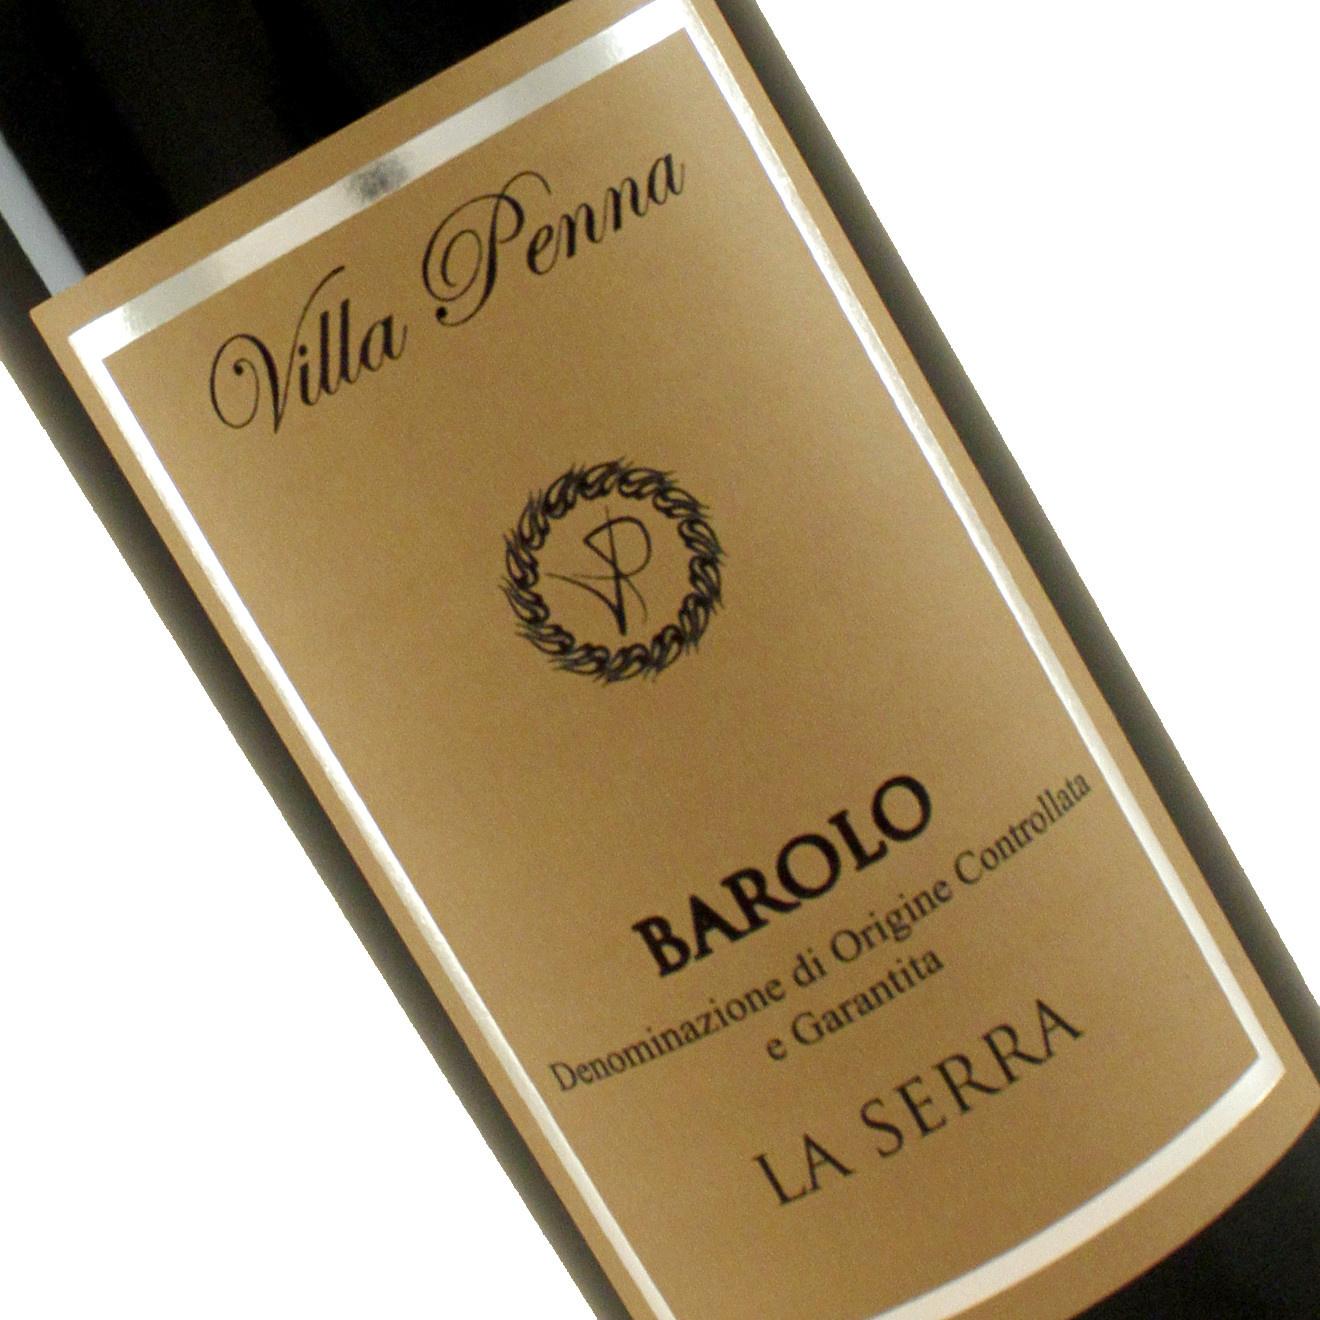 Villa Penna 2010 Barolo La Serra, Piedmont